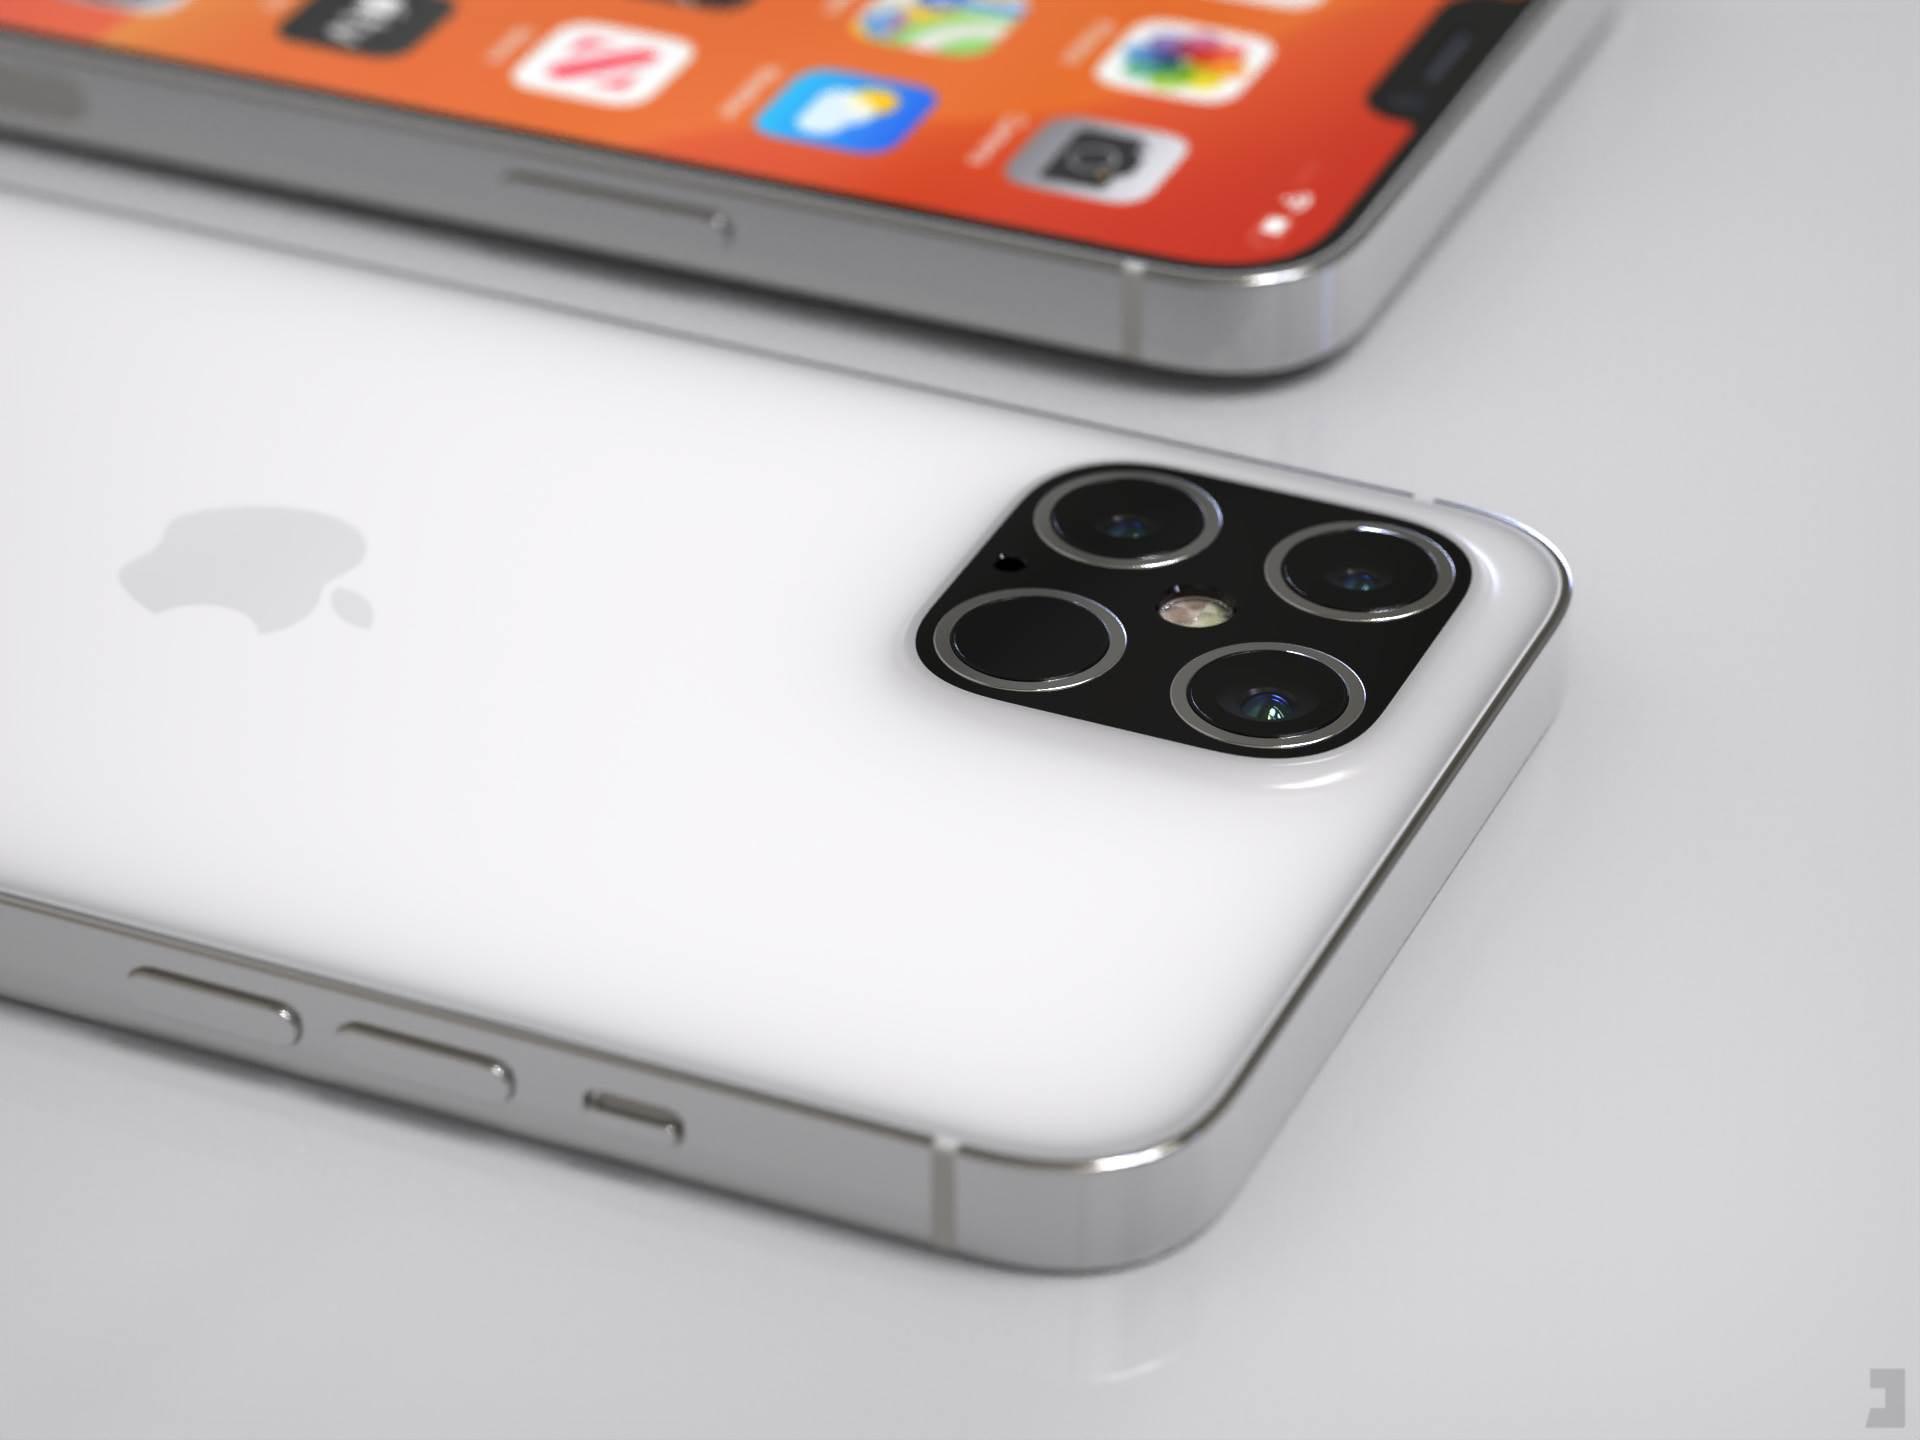 Wszystkie szczegóły iPhone 12 i iPhone 12 Pro ujawnione polecane, ciekawostki Specyfikacja, iPhone12 Pro, iPhone 12 Pro Max, iPhone 12, cena, Apple  Światowej sławy YouTuber Jon Prosser opublikował wszystkie szczegóły iPhone 12 i iPhone 12 Pro - oficjalne nazwy, rozmiary ekranów, pojemności i ceny. iPhone12Pro 3